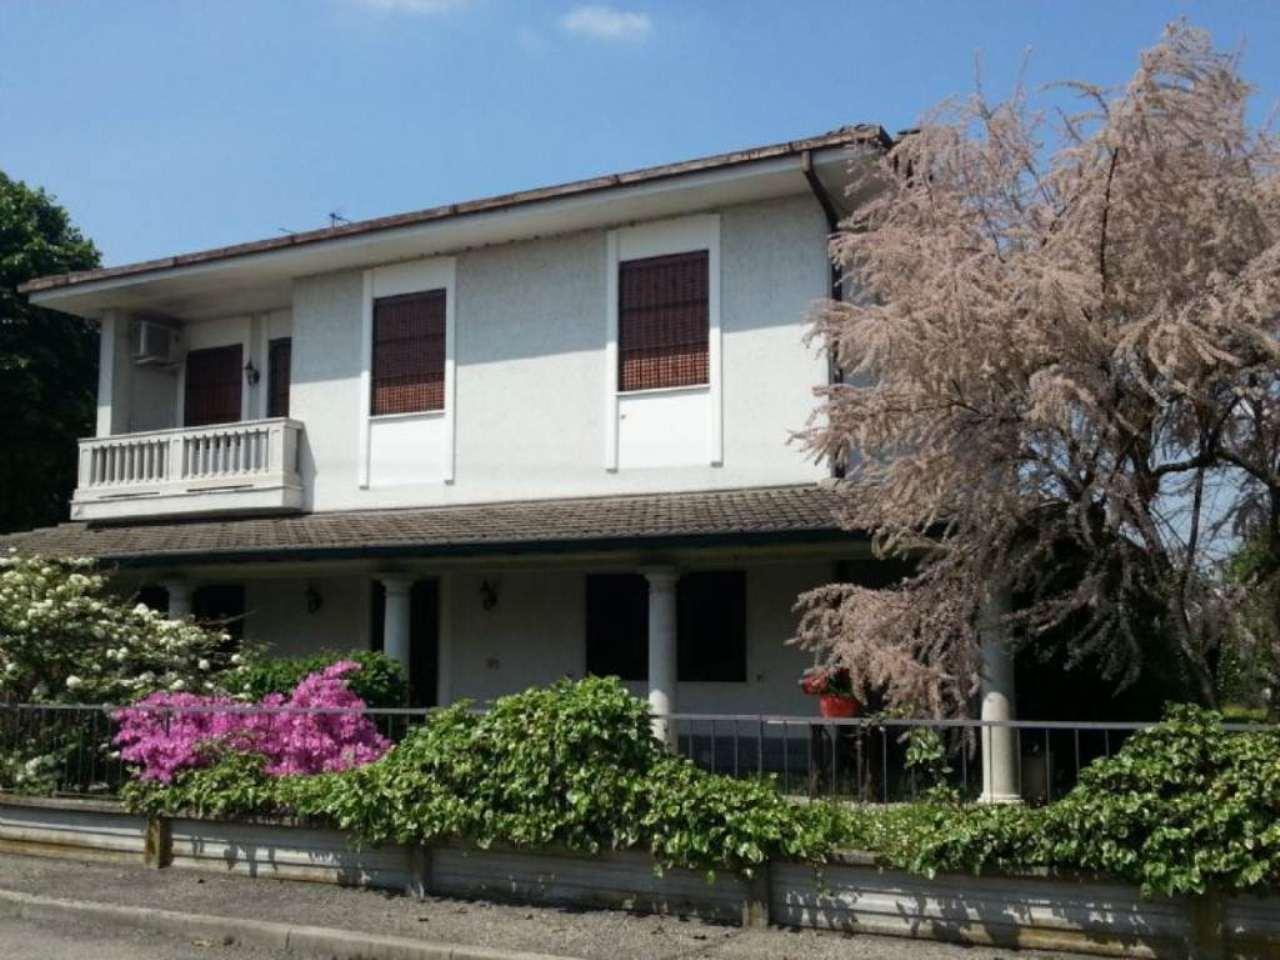 Villa in vendita a Bascapè, 4 locali, prezzo € 460.000 | Cambio Casa.it